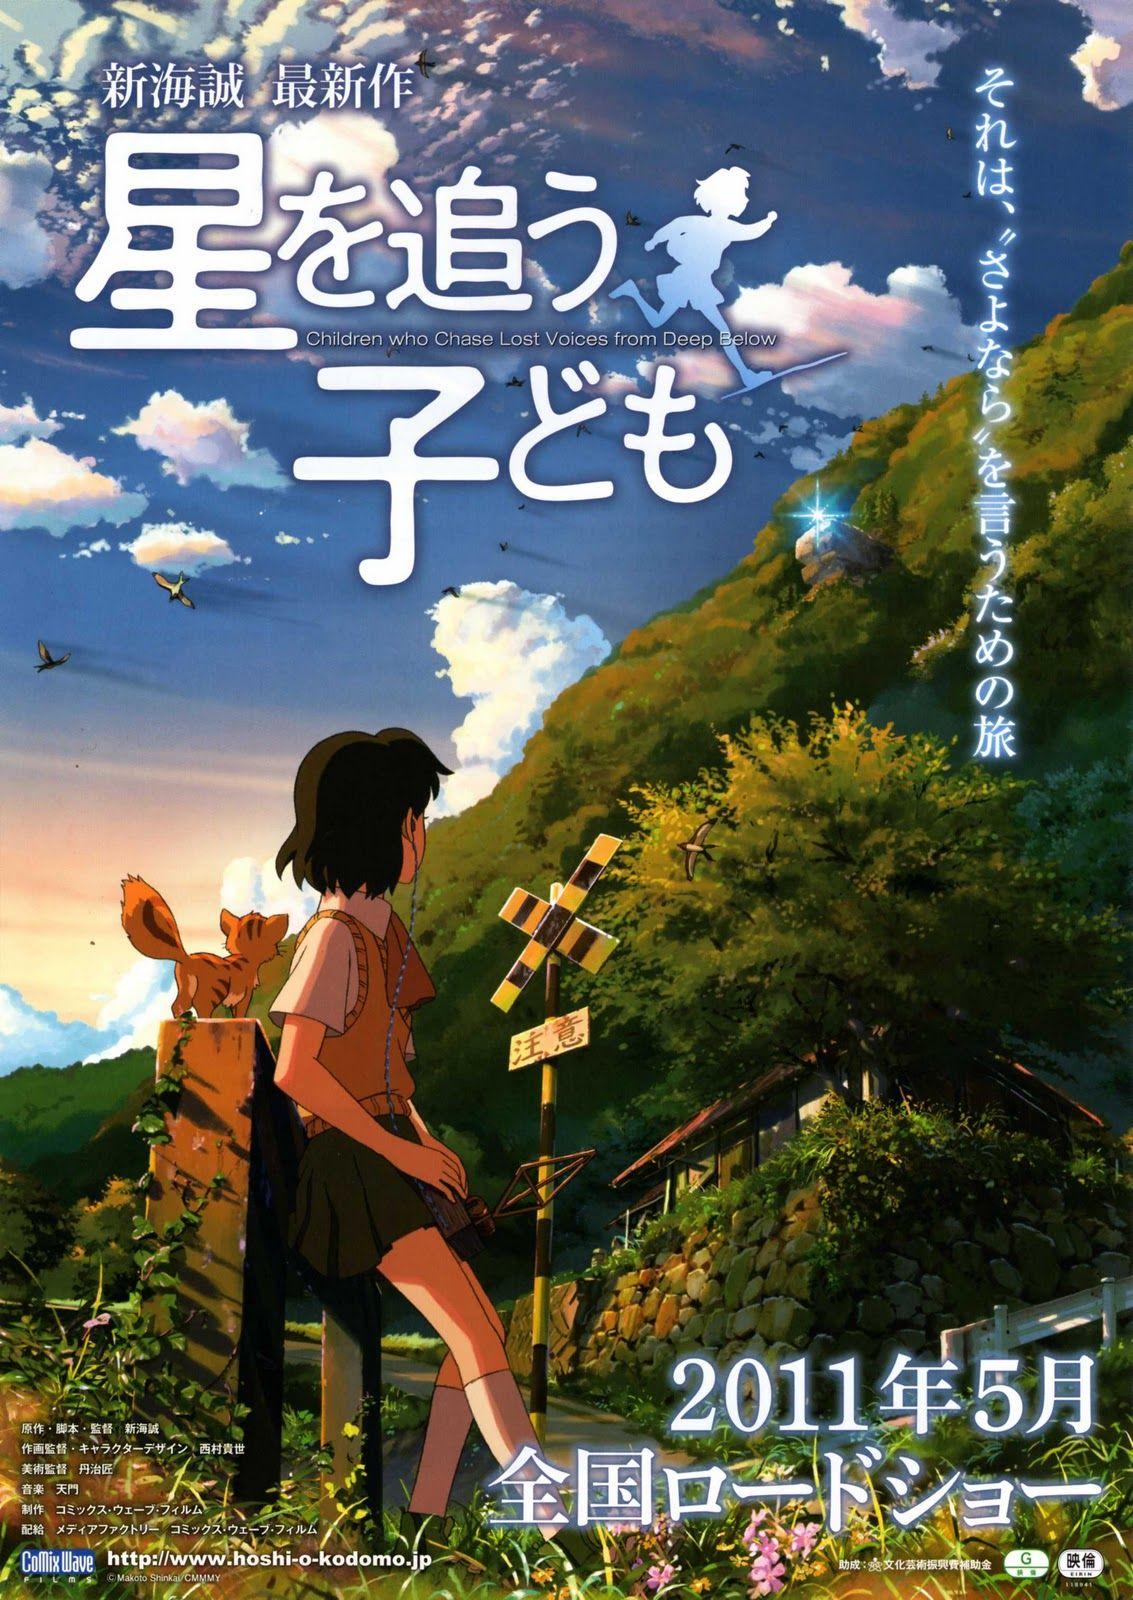 Viaggio verso Agartha film anime del 2011 scritto e diretto da Makoto Shinkai, dopo la sua opera precedente 5 cm per second. I